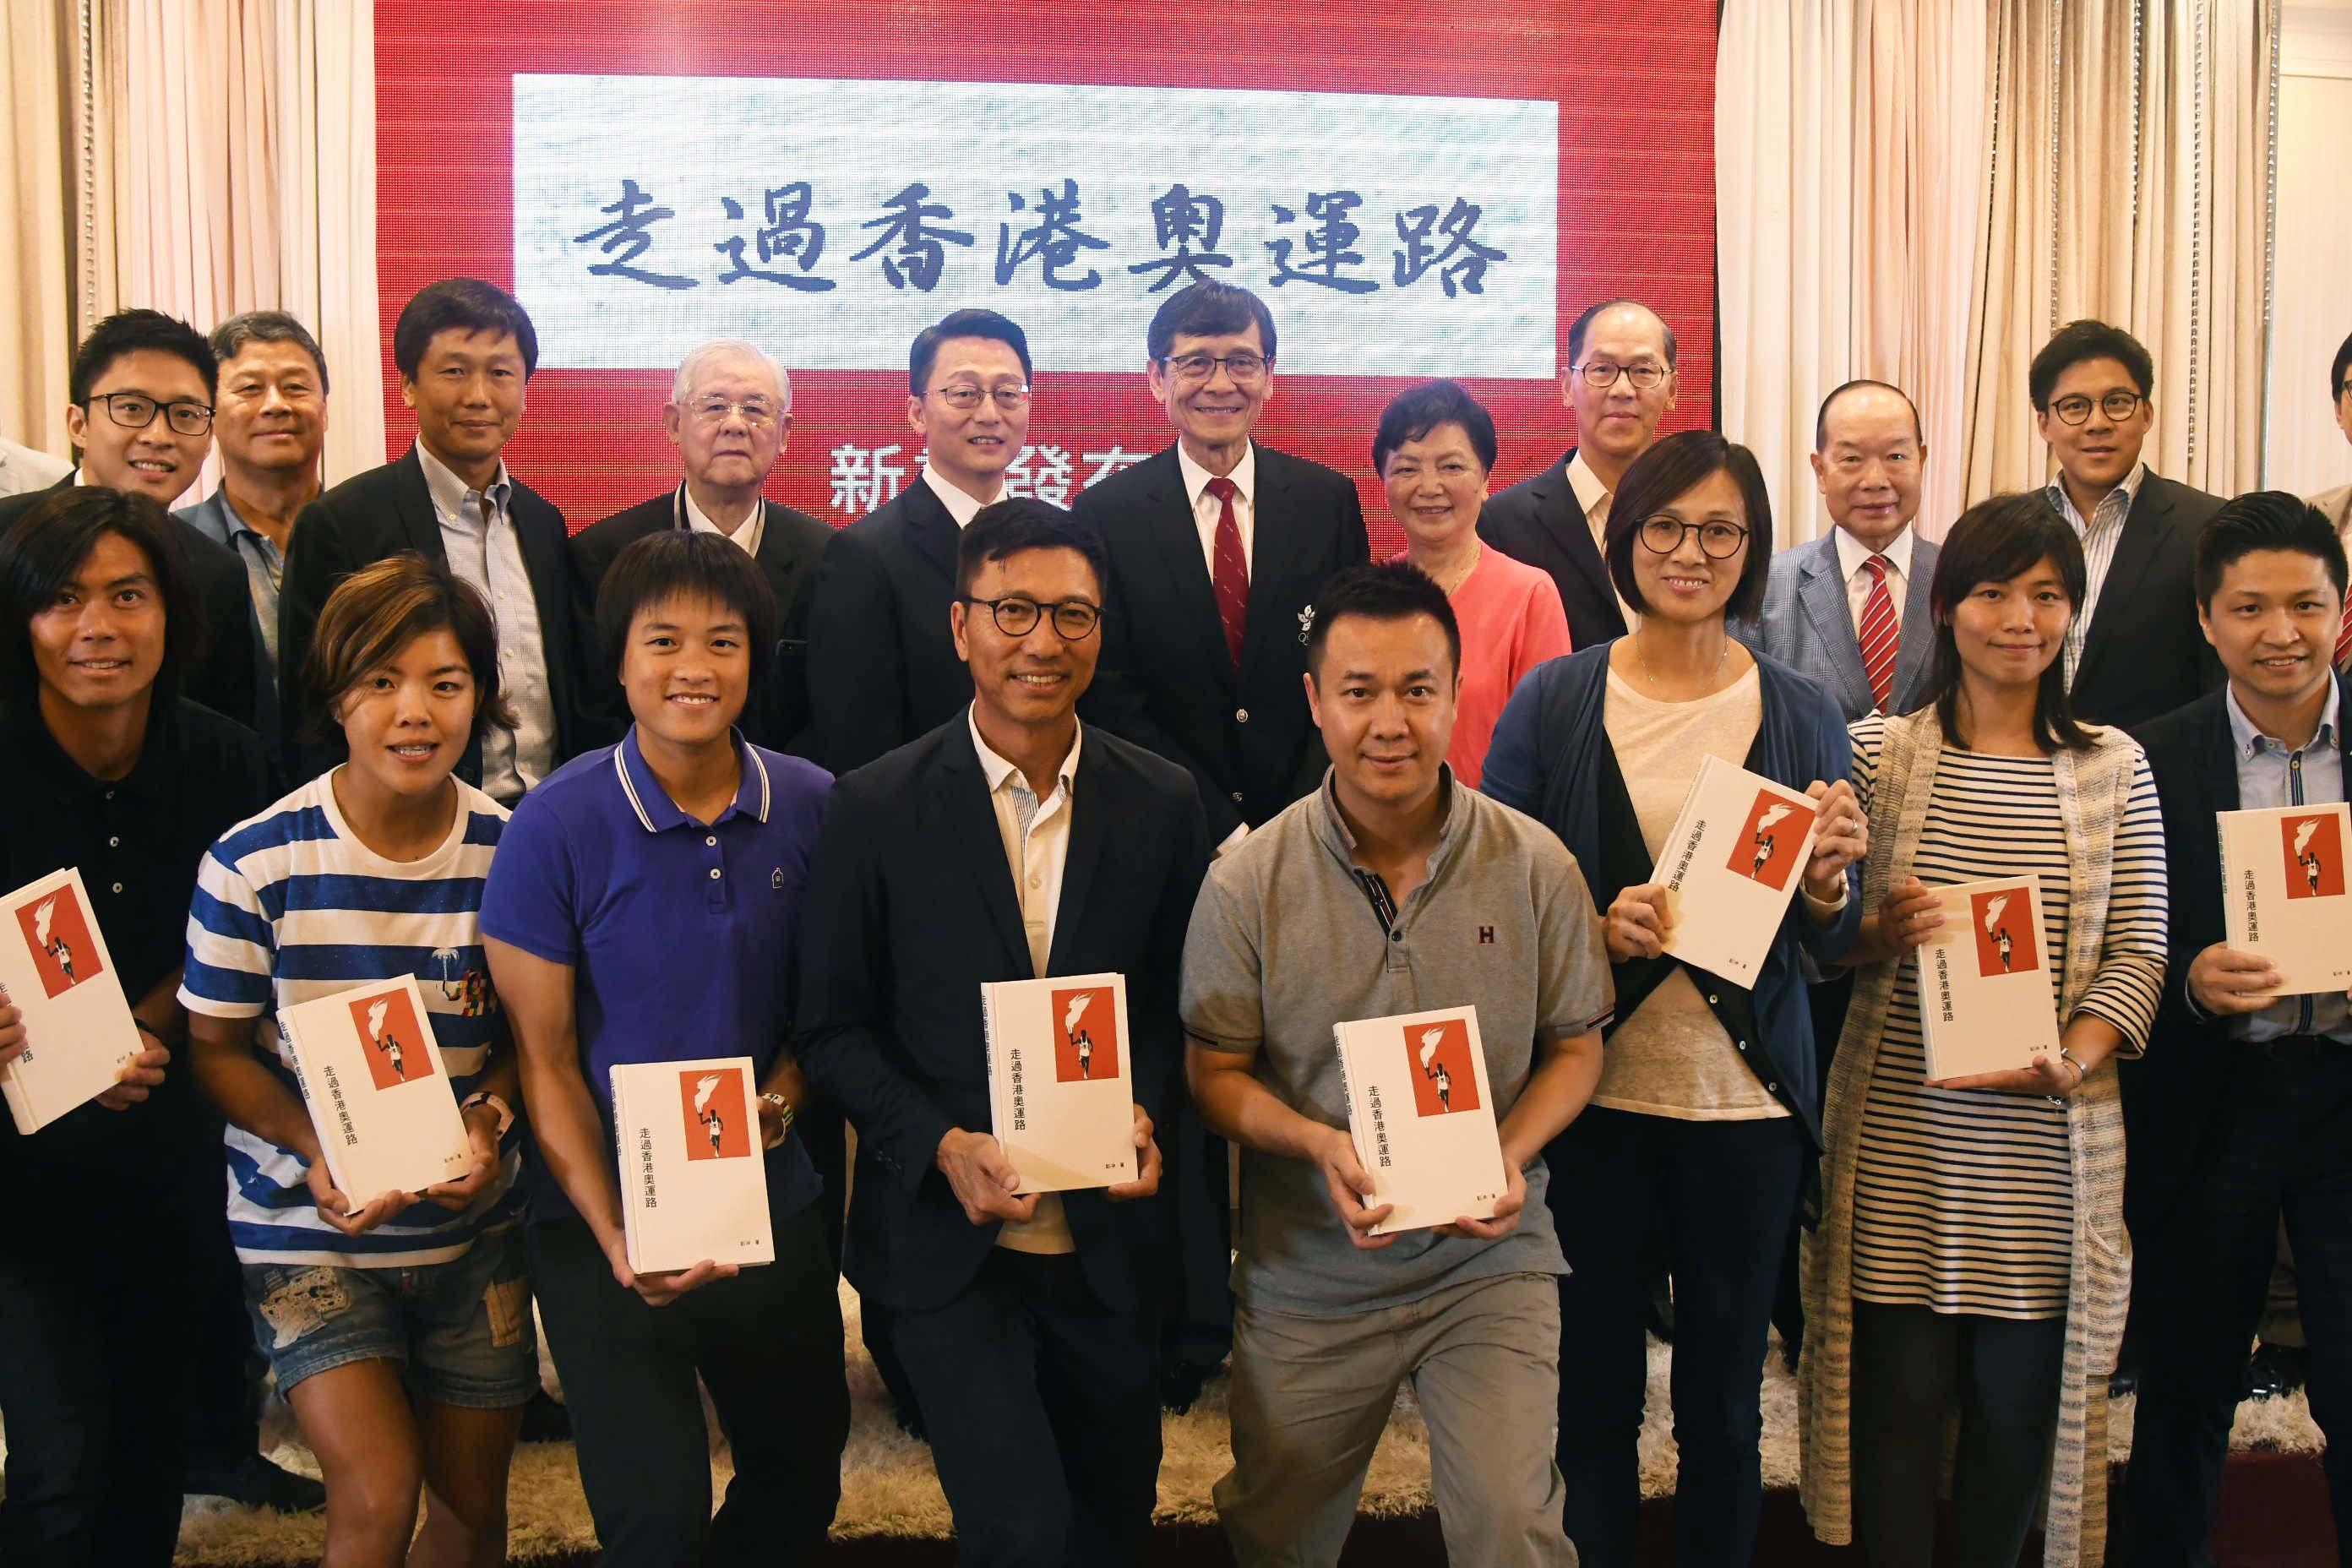 前港協暨奧委會義務秘書長彭沖編著的《走過香港奧運路》,今舉行發布會,吸引多名體壇名宿支持。郭晉朗攝